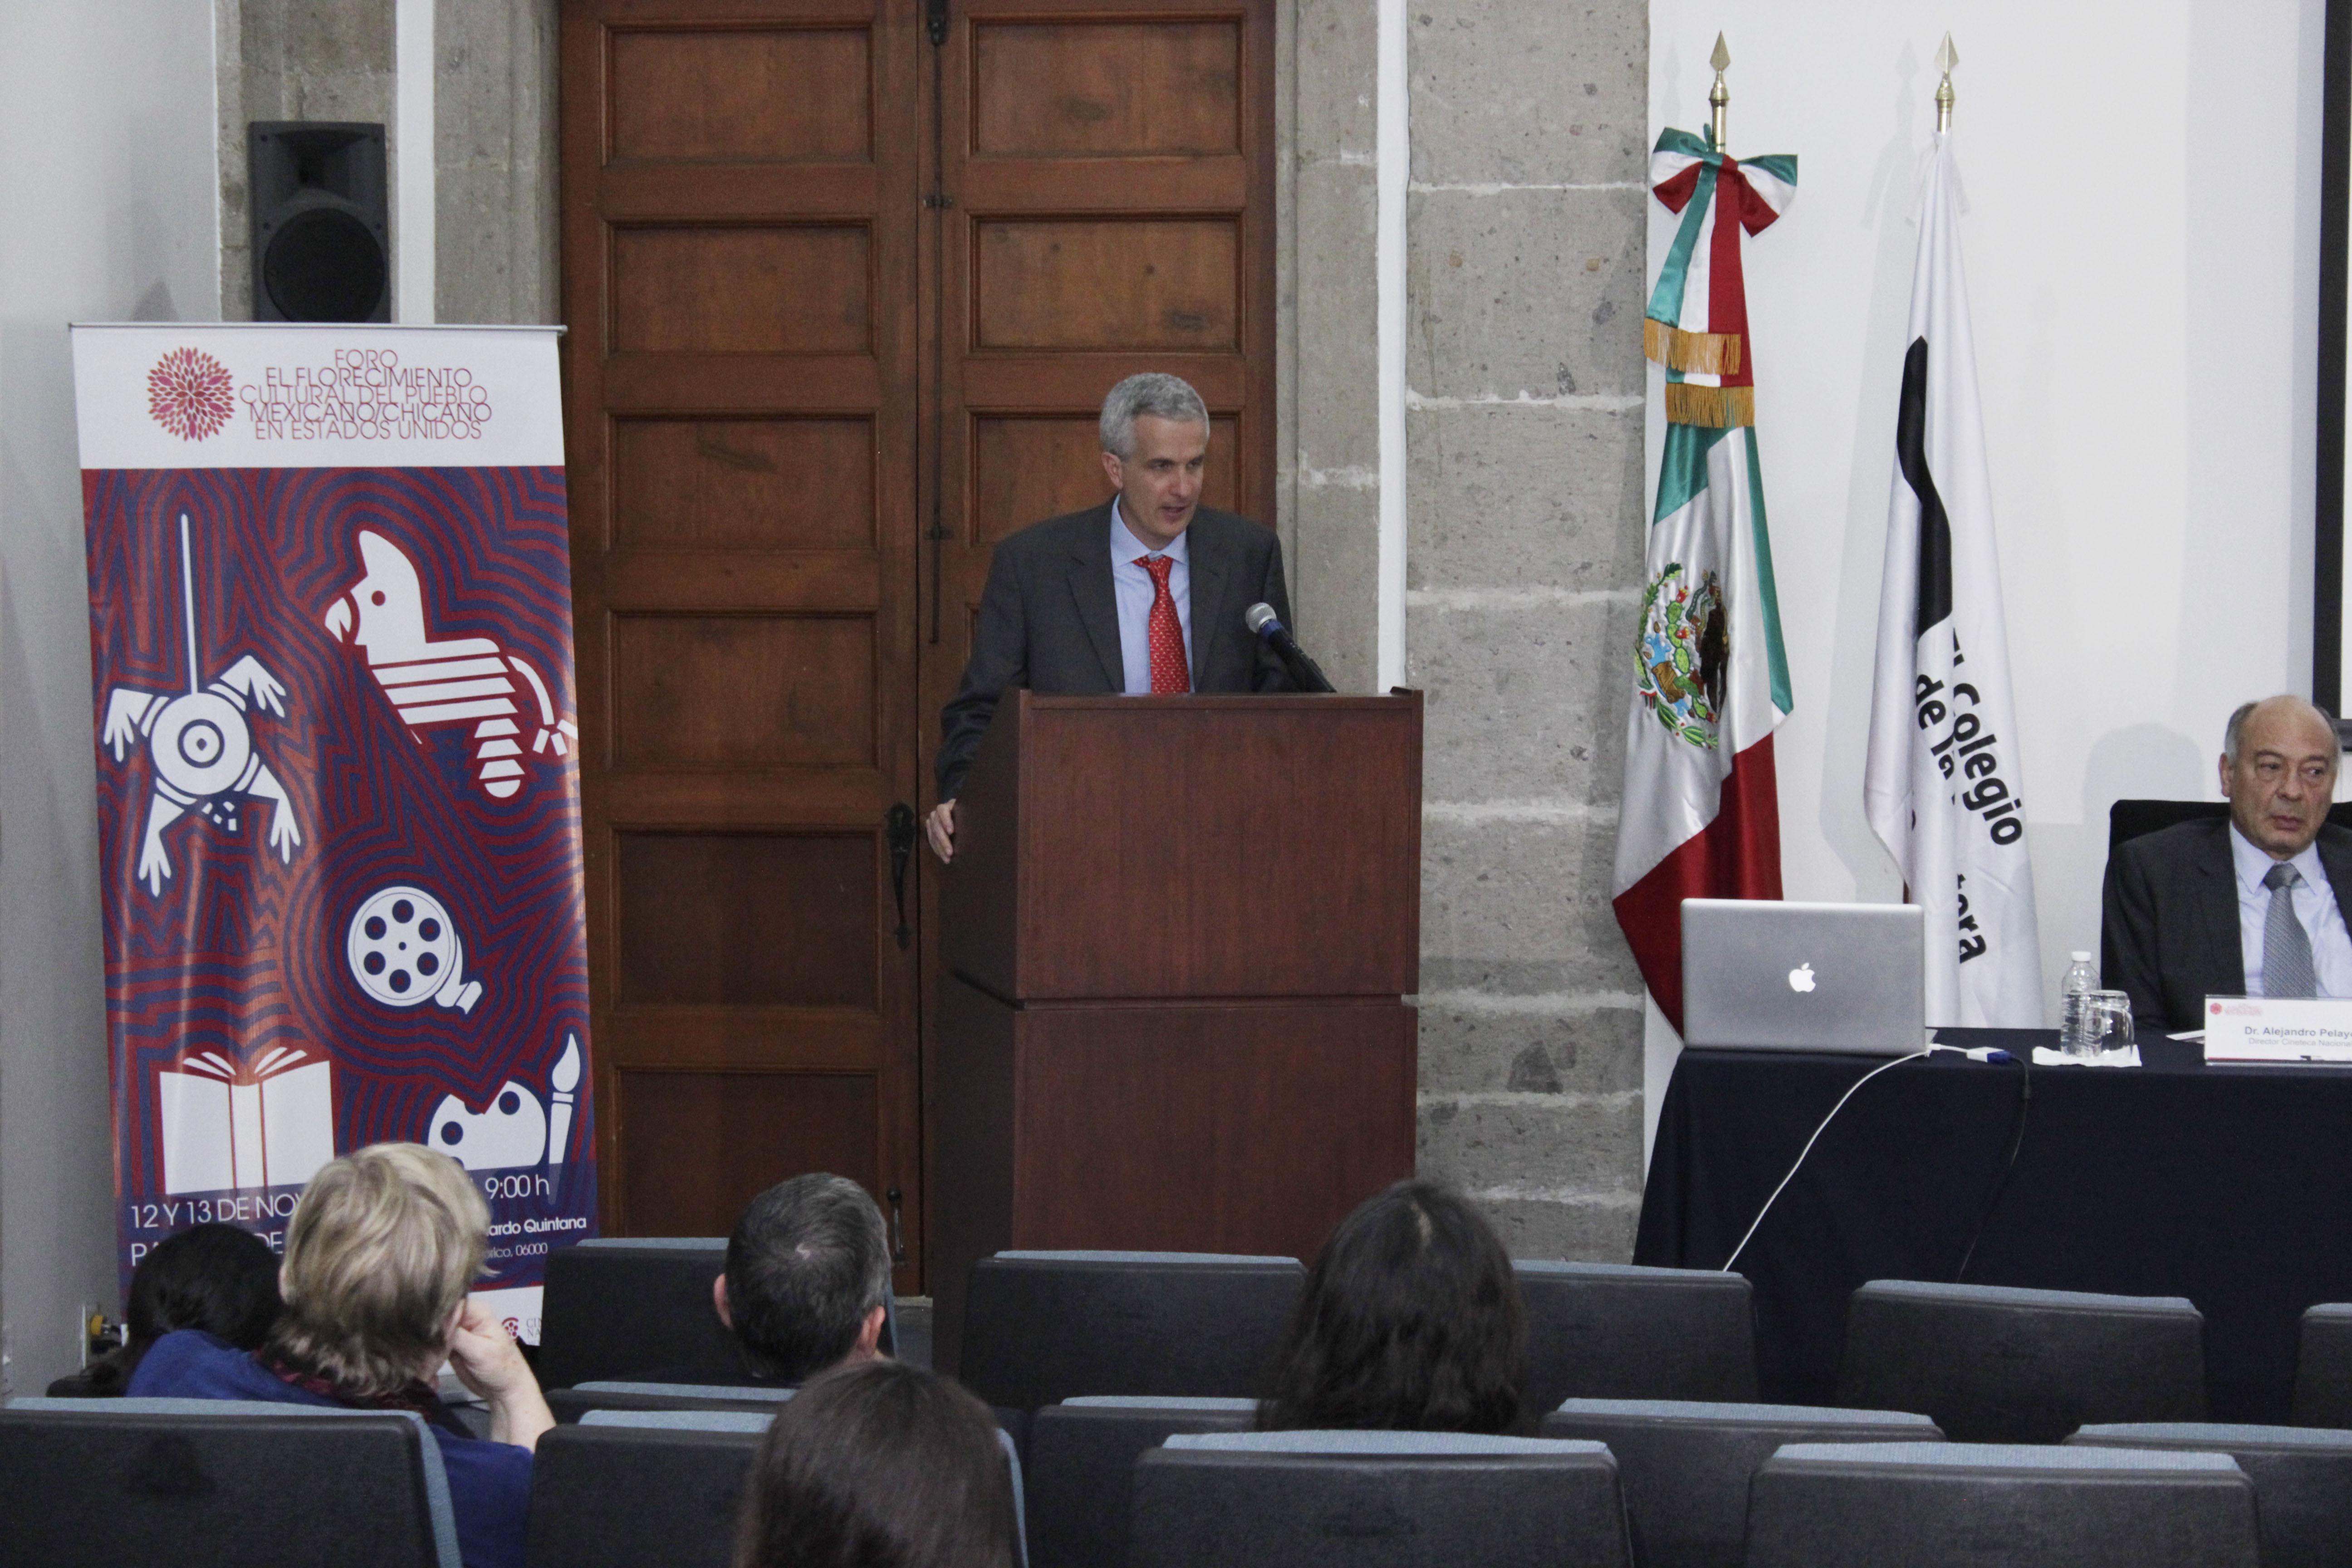 FOTO 2 Subsecretario Carlos P rez Verd a en el Foro sobre cultura del Pueblo Chicano Mexicanojpg